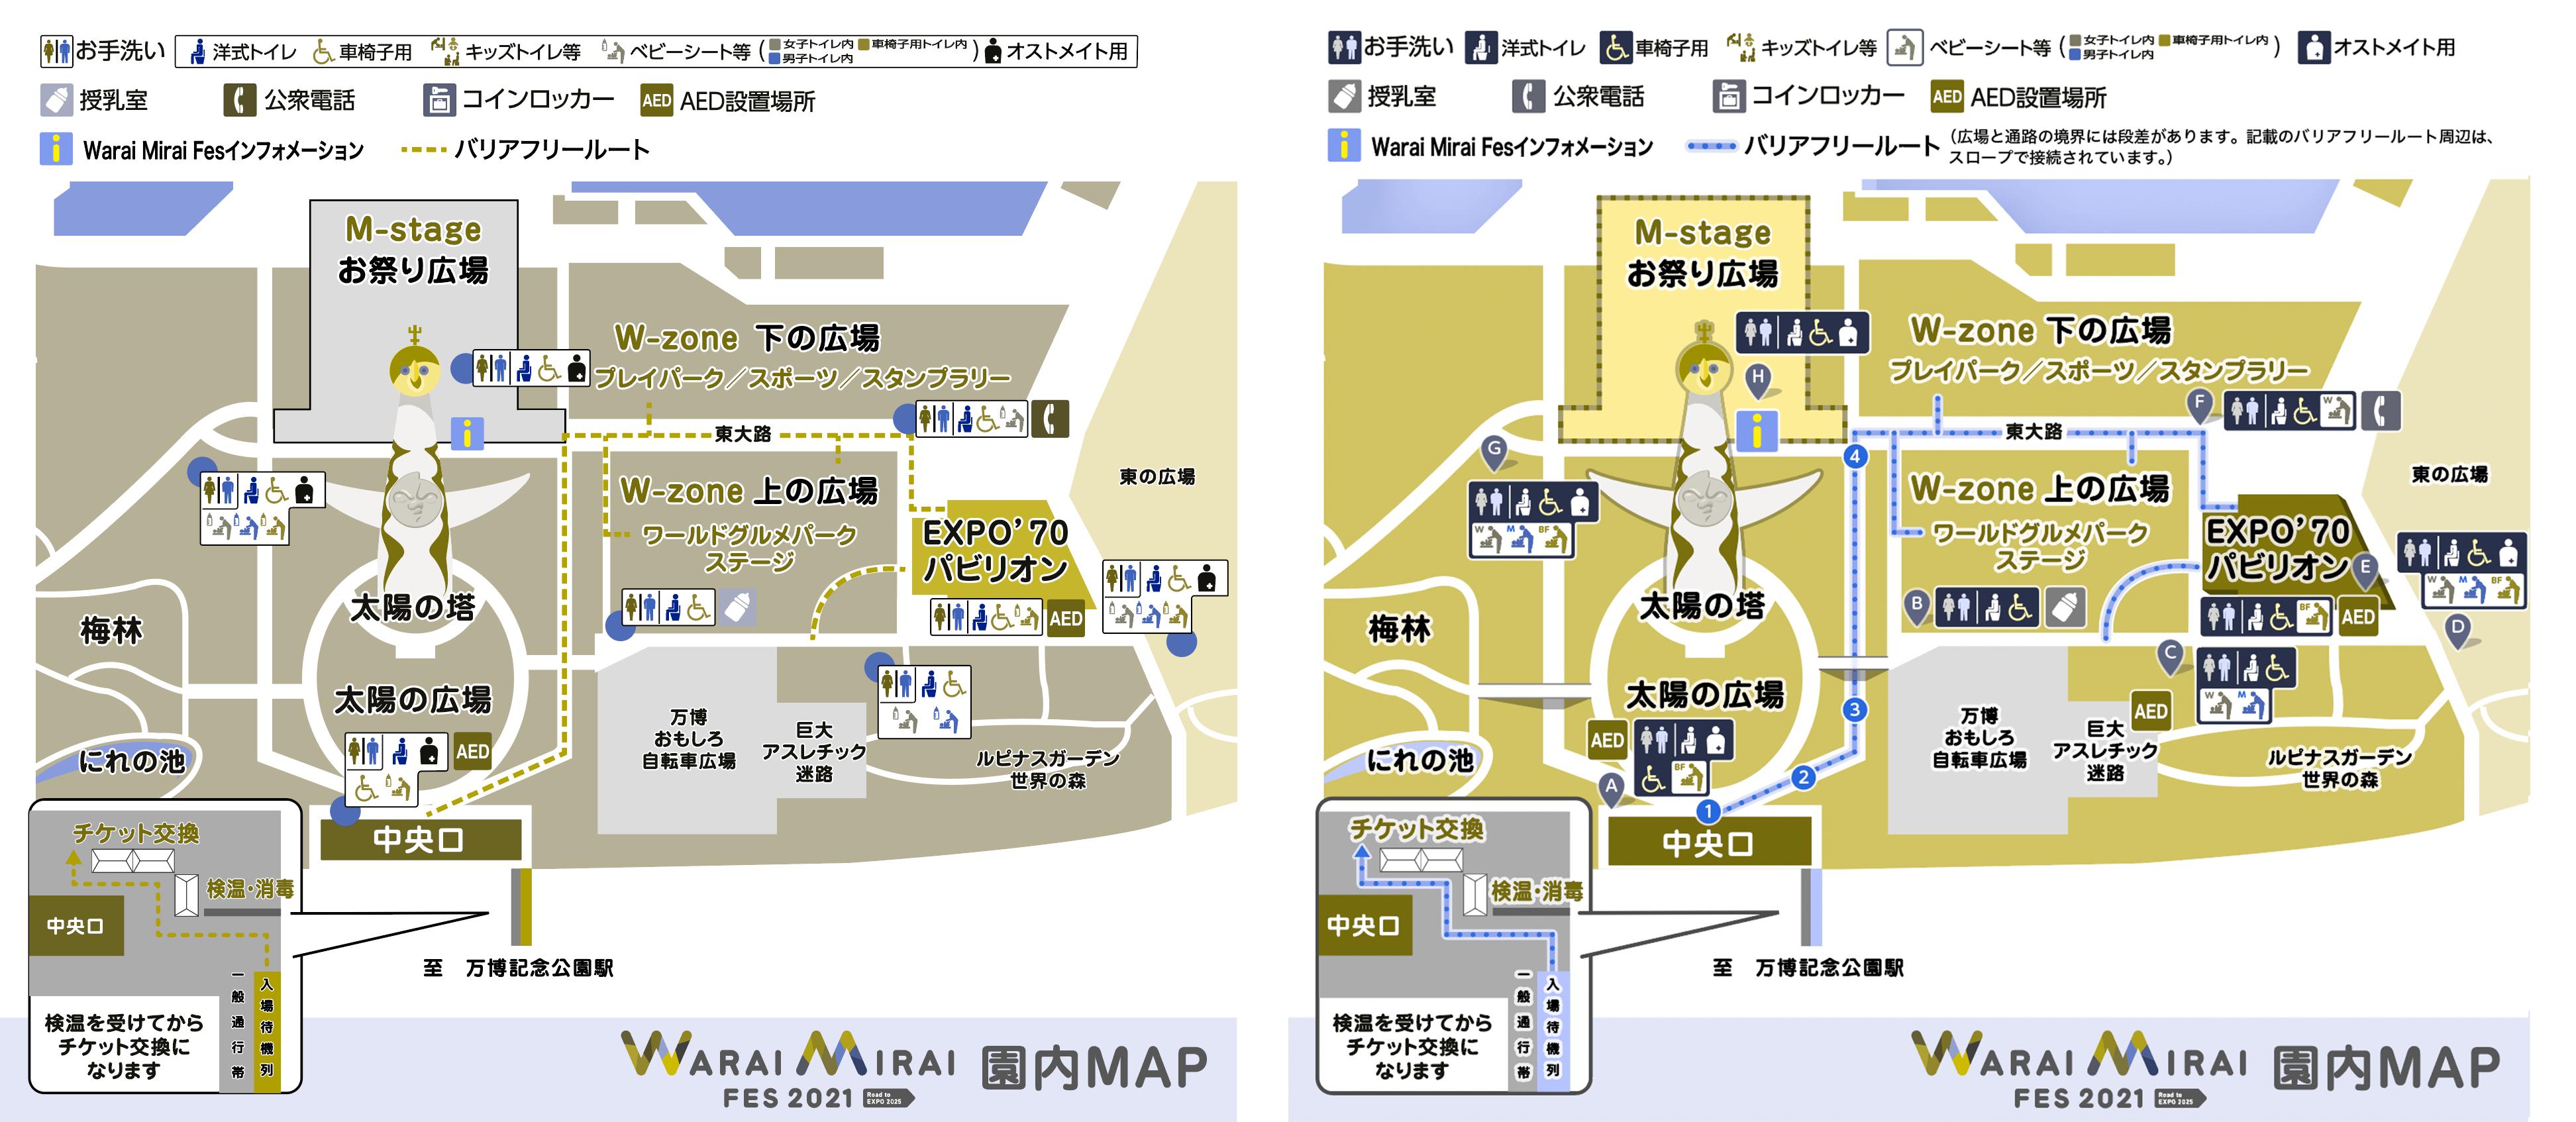 【地図の画像2枚】説明は画像の下にあります